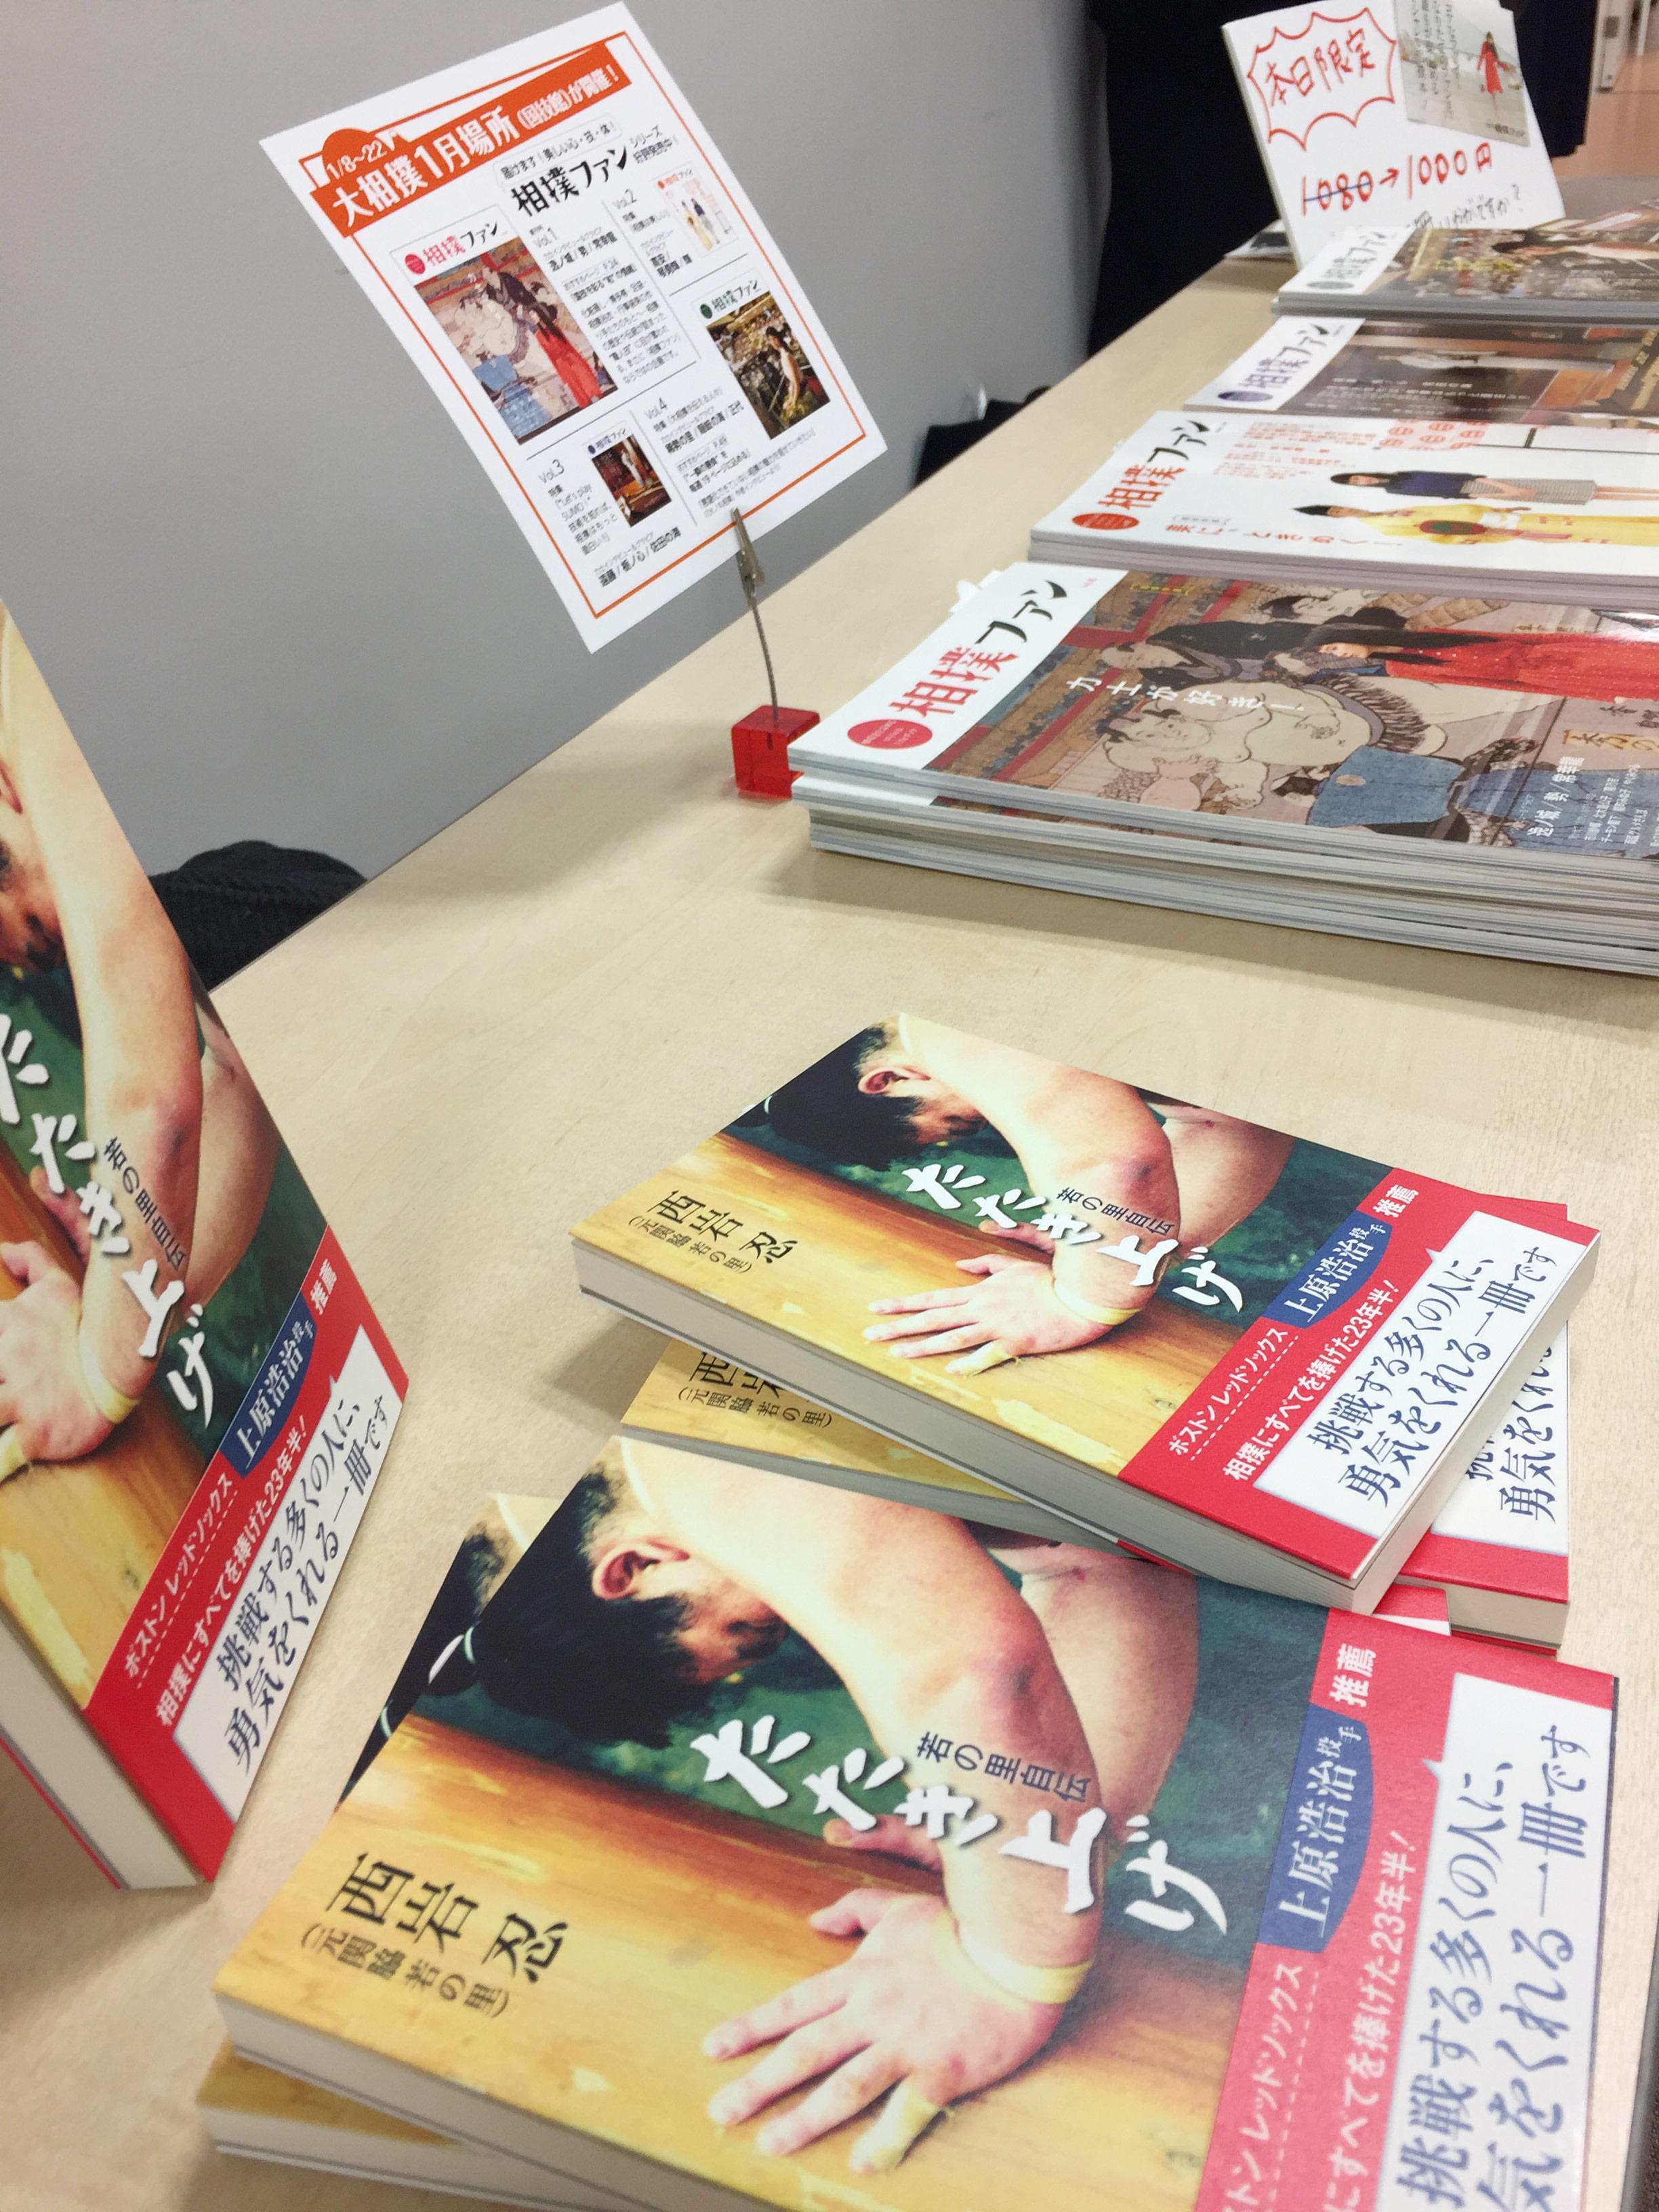 「元隆乃若と荒井太郎の大相撲放談」にて書籍販売会を行いました